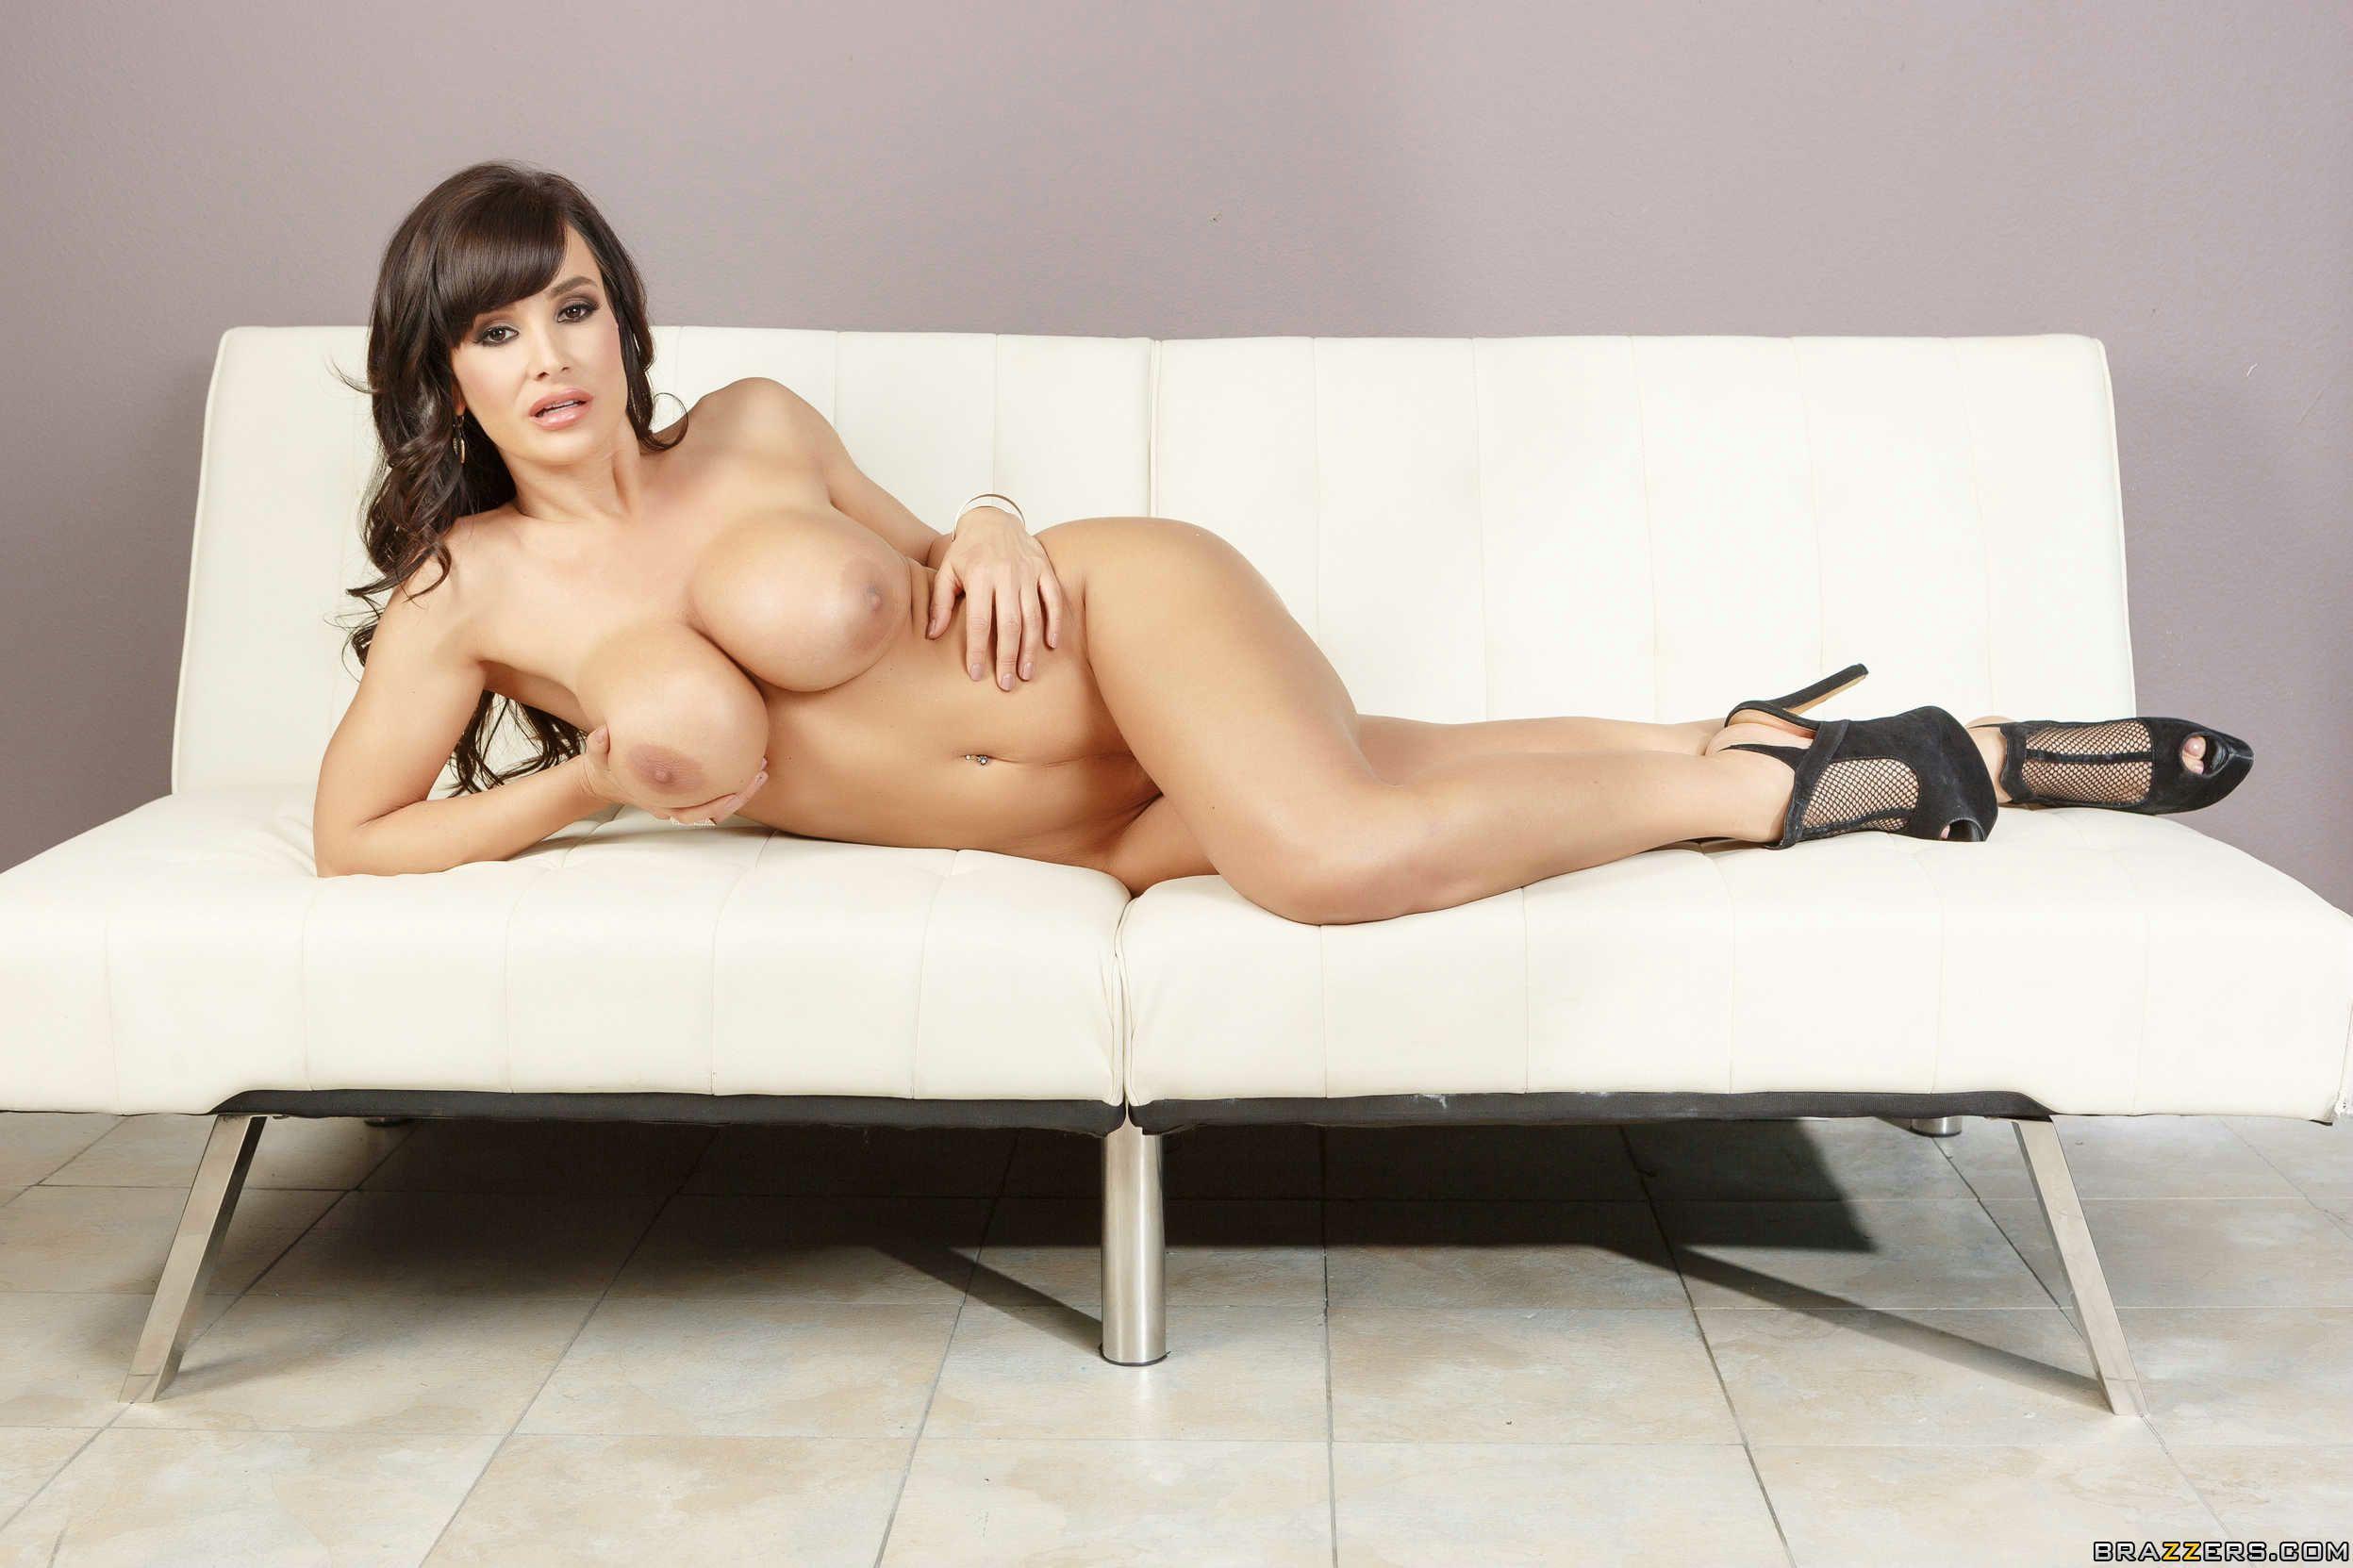 Lisa ann naked wallpapers